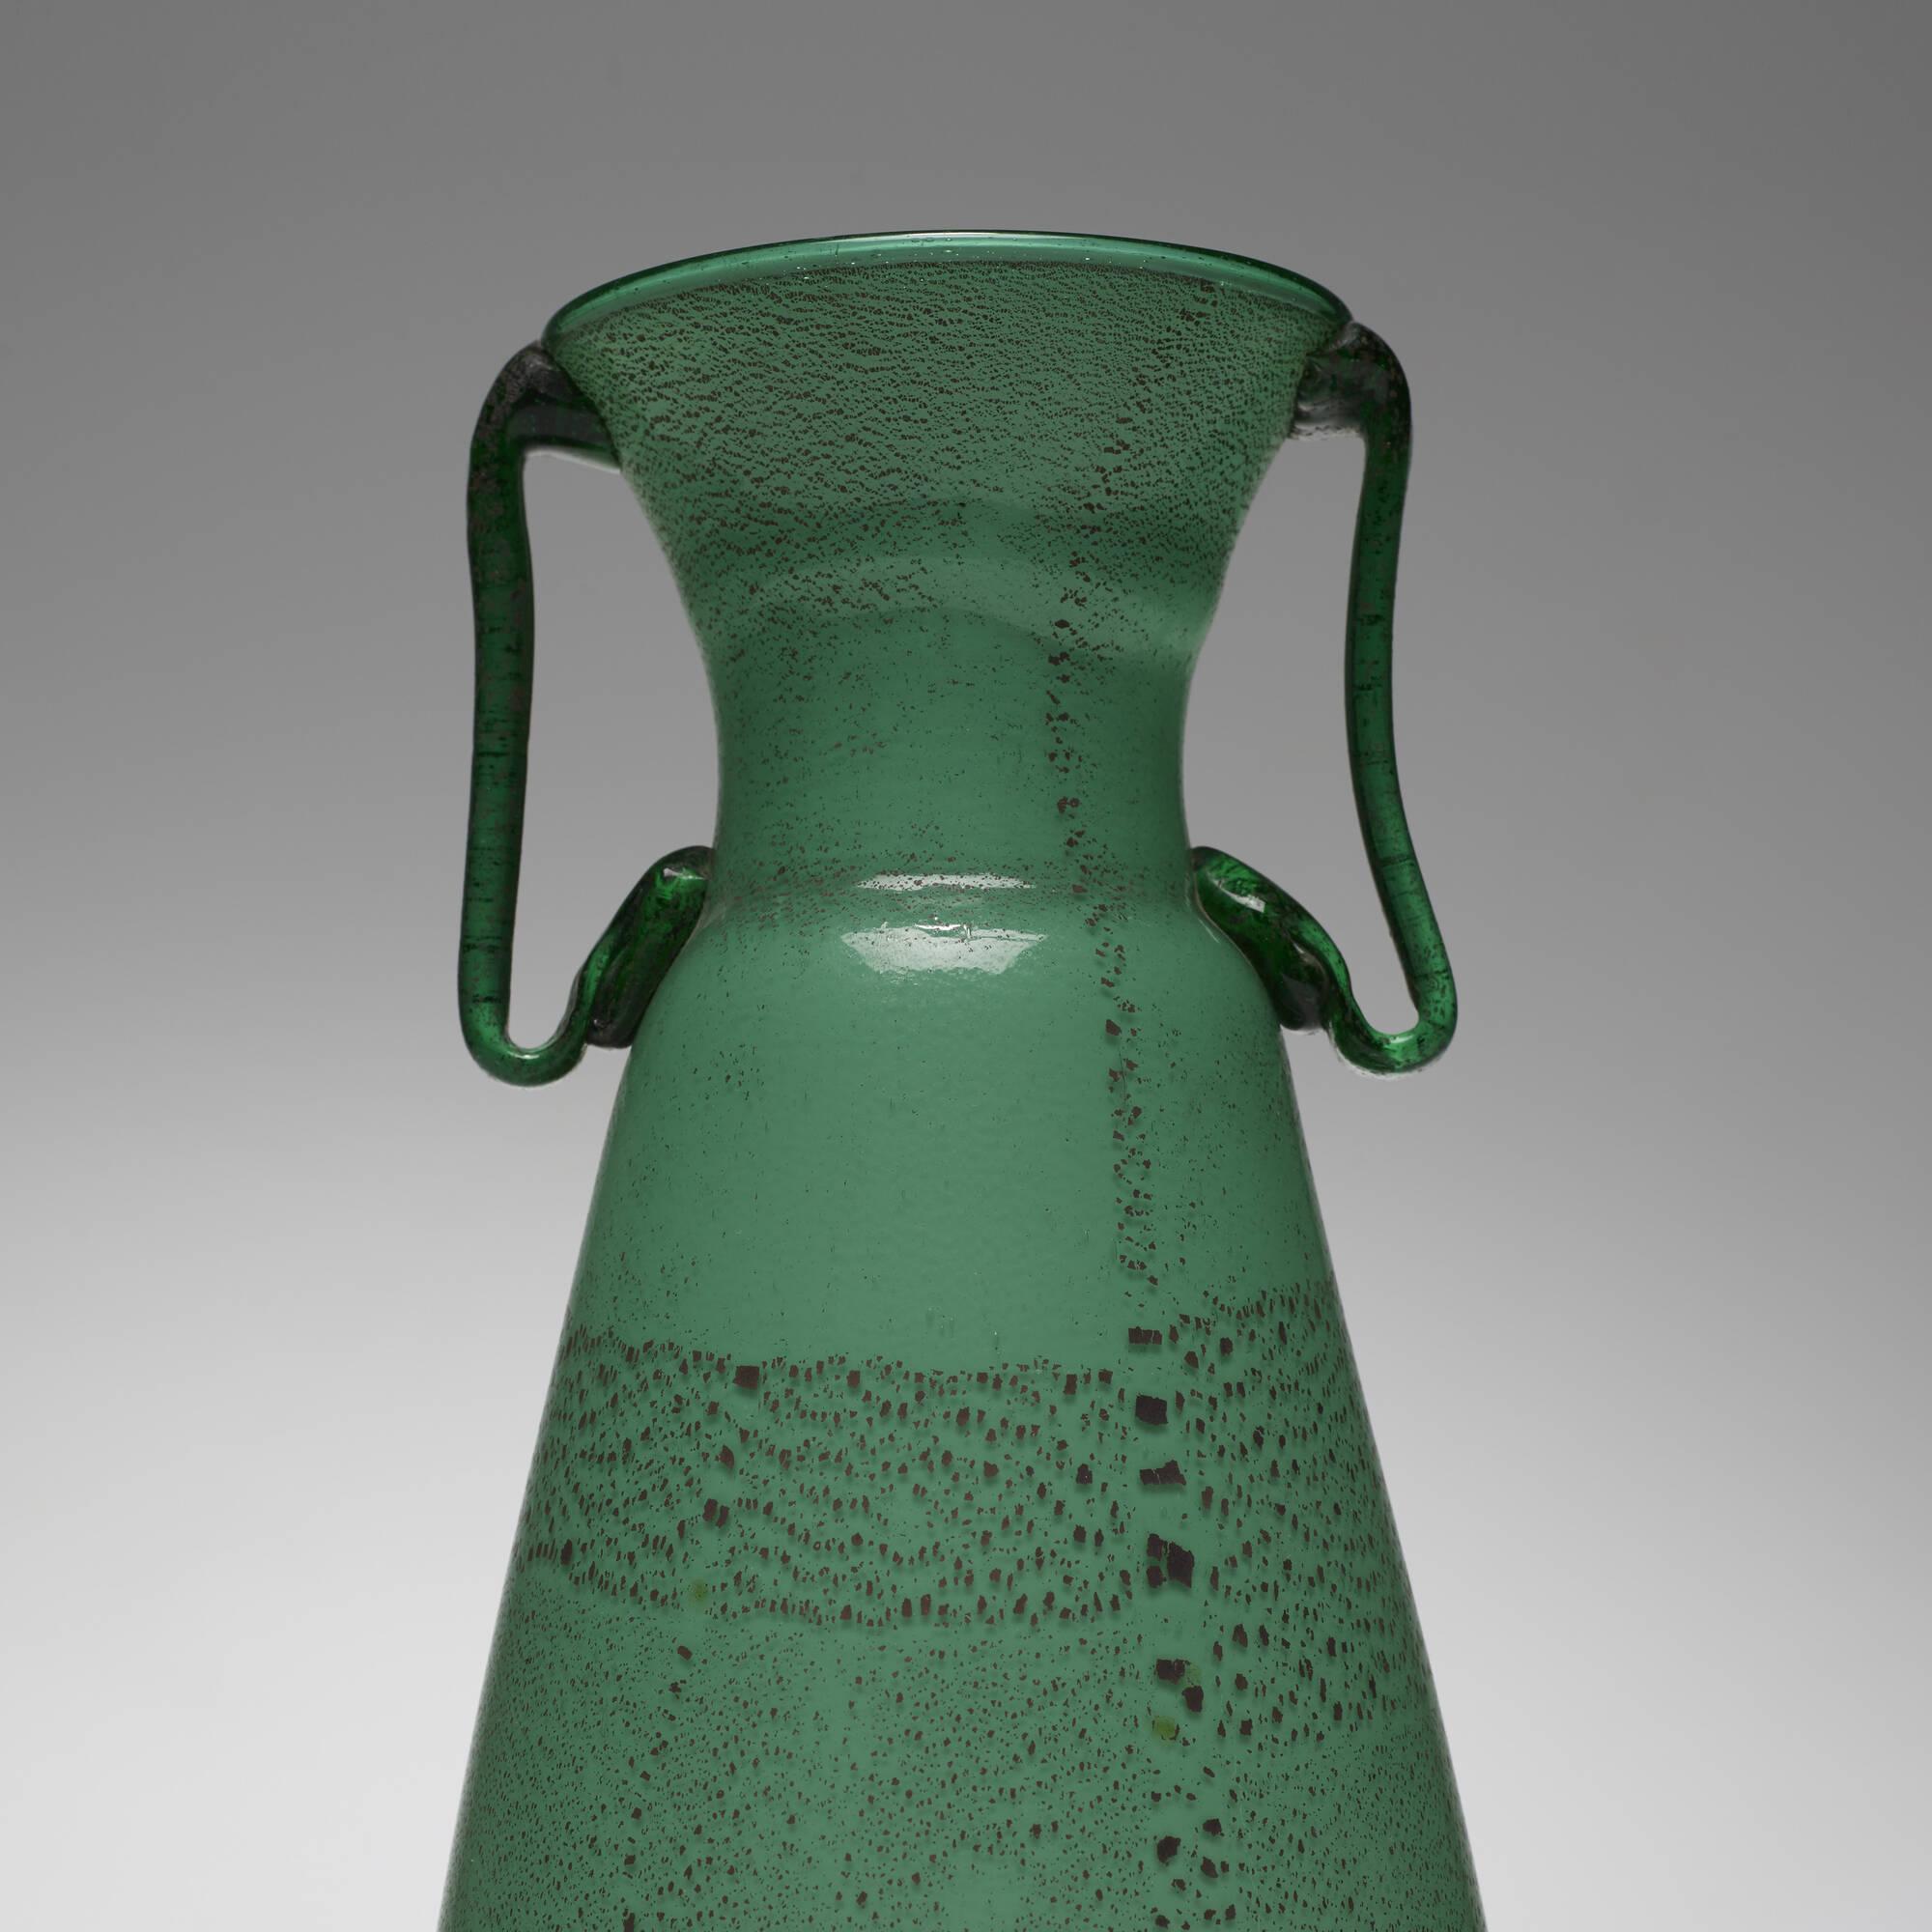 111: Nason, attribution / vase (2 of 3)